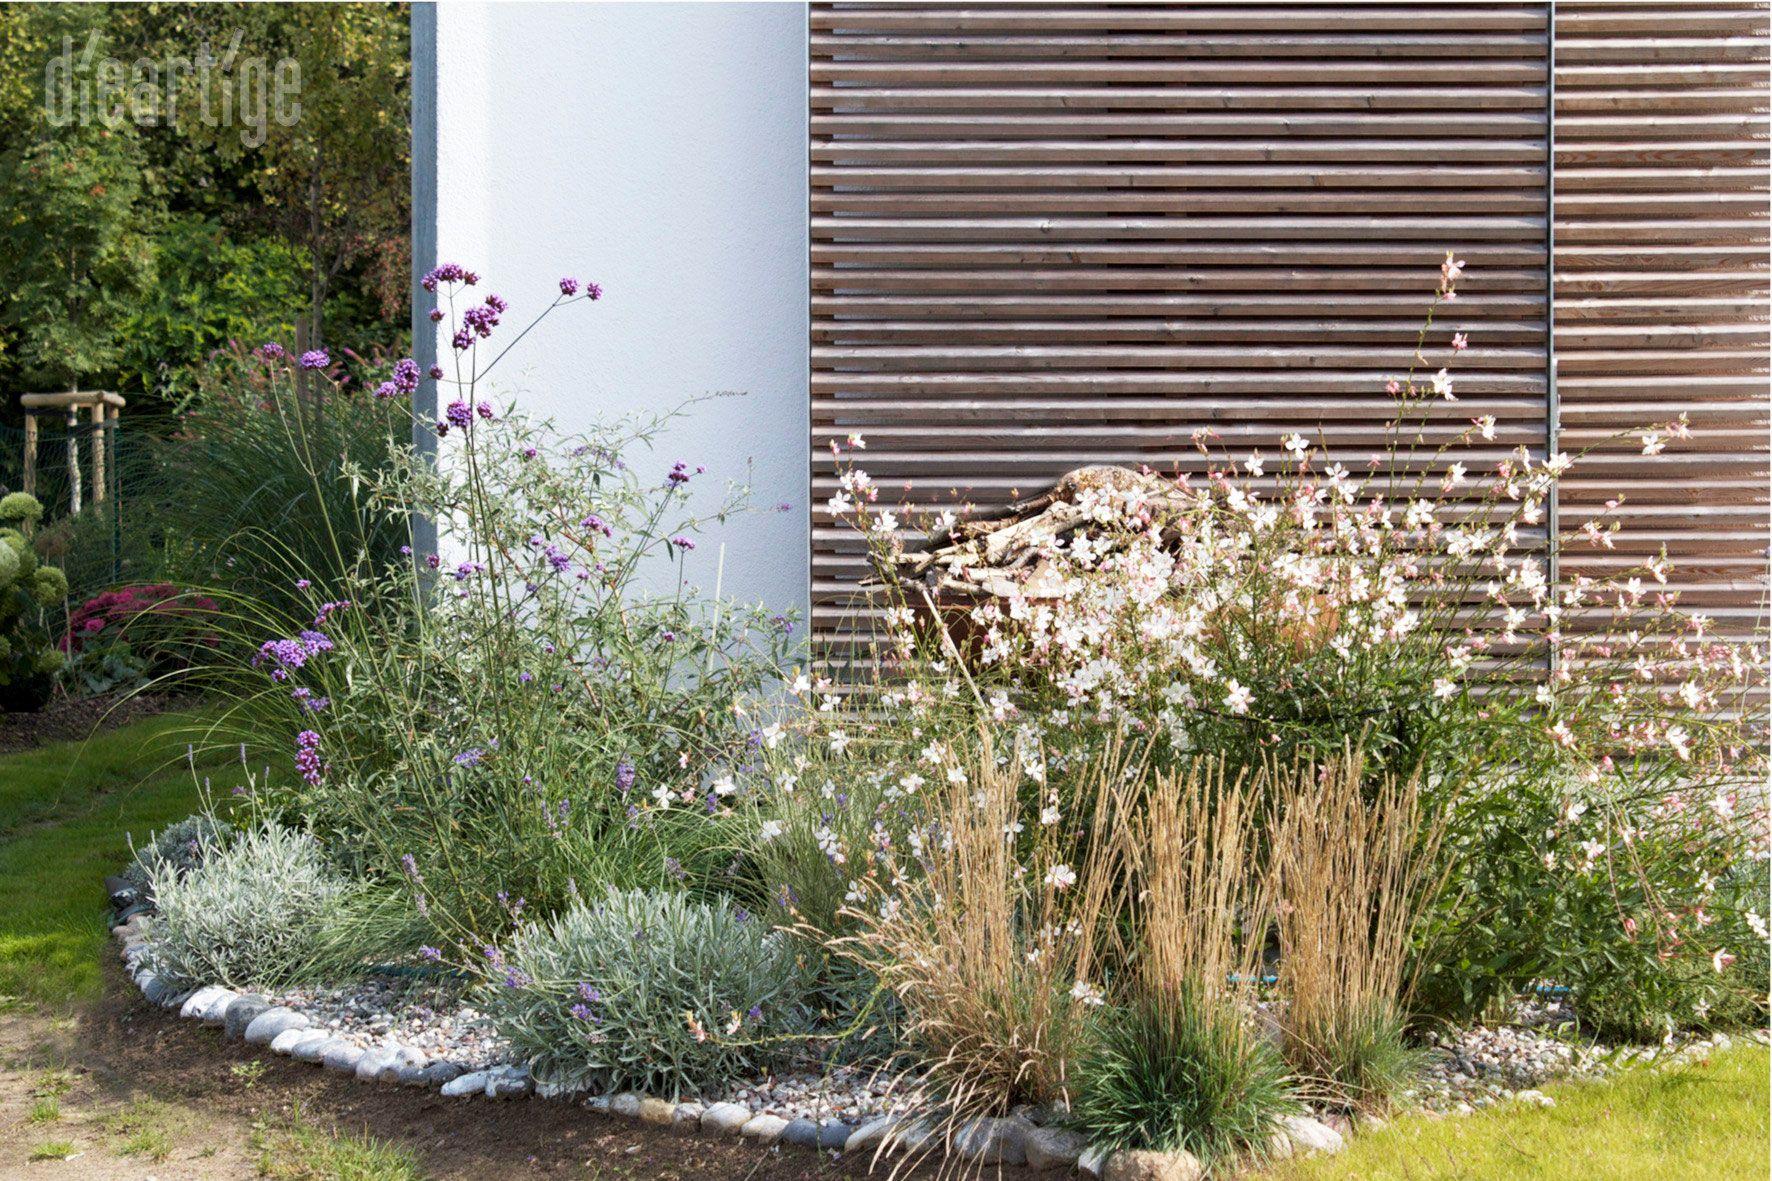 kiesgarten an der nordwestecke vom haus dieartigegarden garten garten design und pflanzen. Black Bedroom Furniture Sets. Home Design Ideas